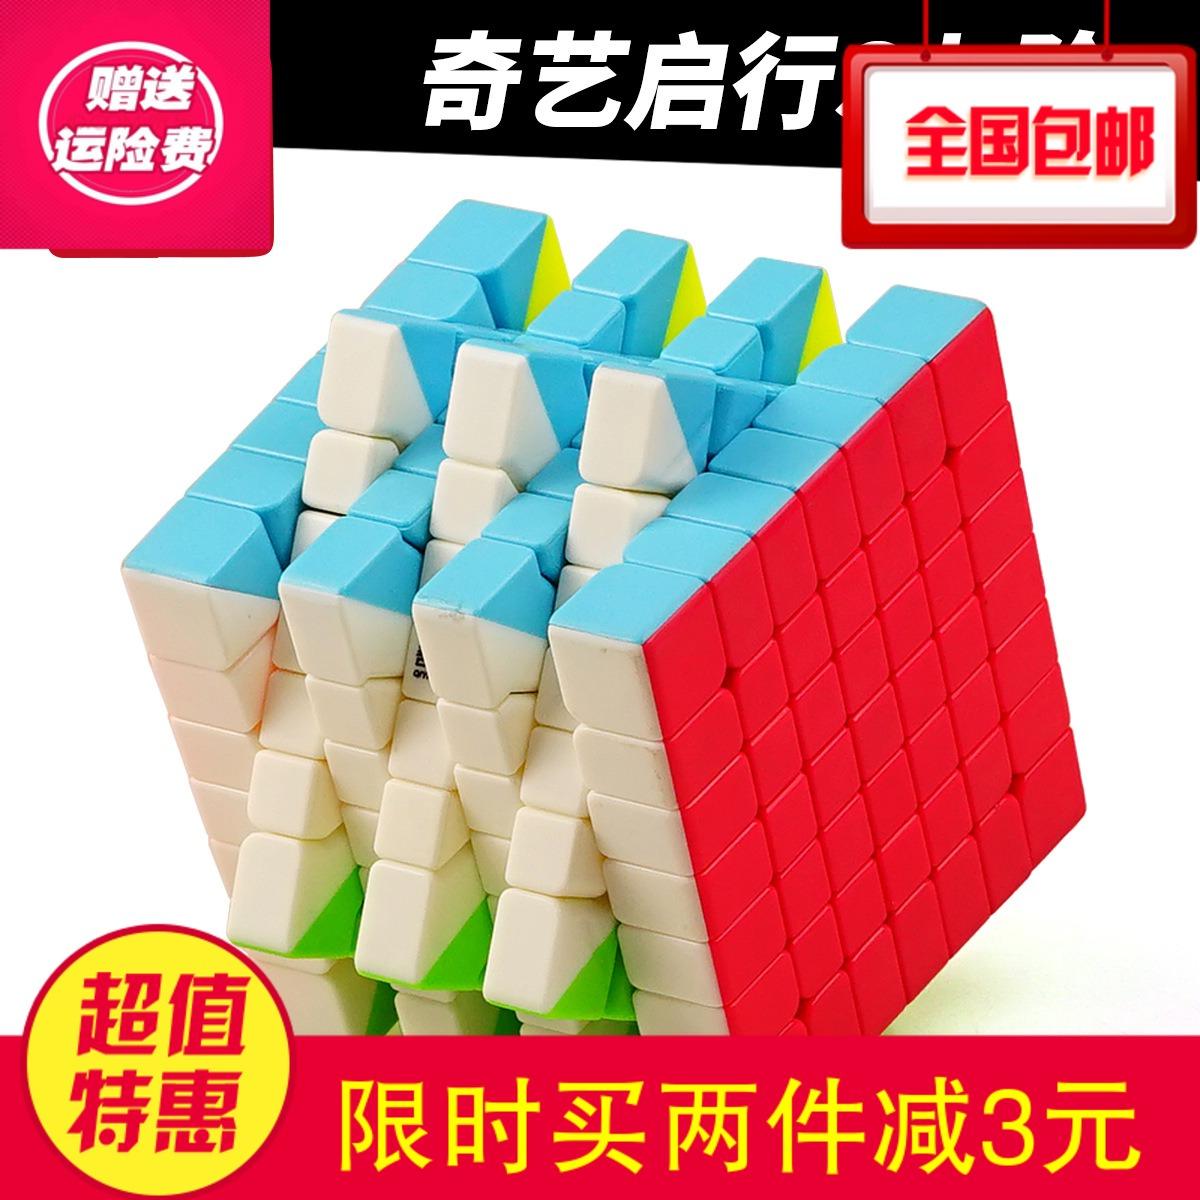 【奇艺 启行S七阶】专业比赛新手入门7阶 儿童老人益智玩具